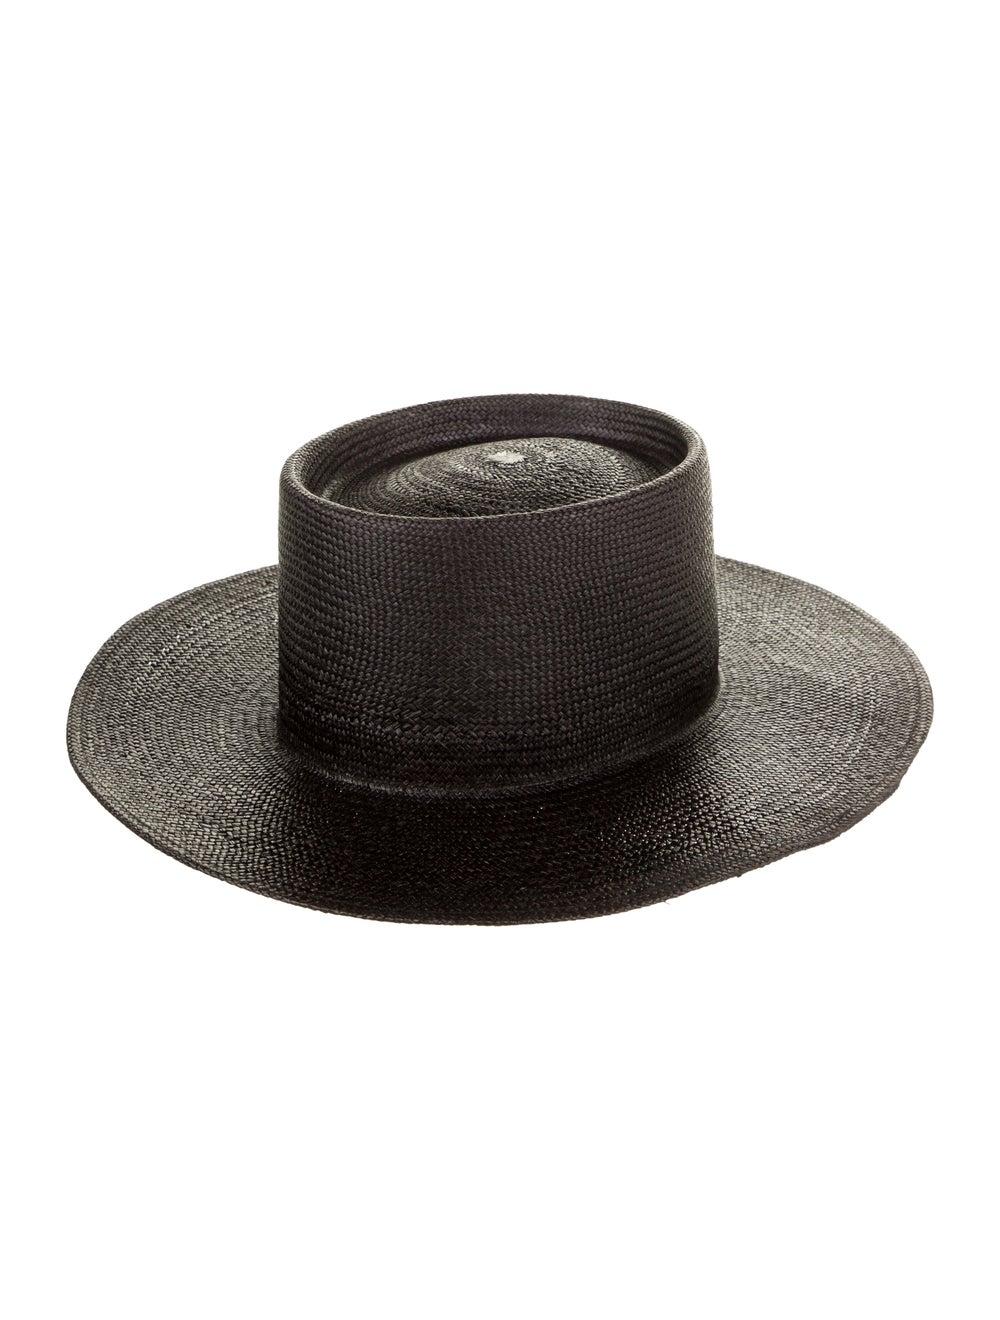 Nick Fouquet Straw Wide Brim Hat Black - image 2